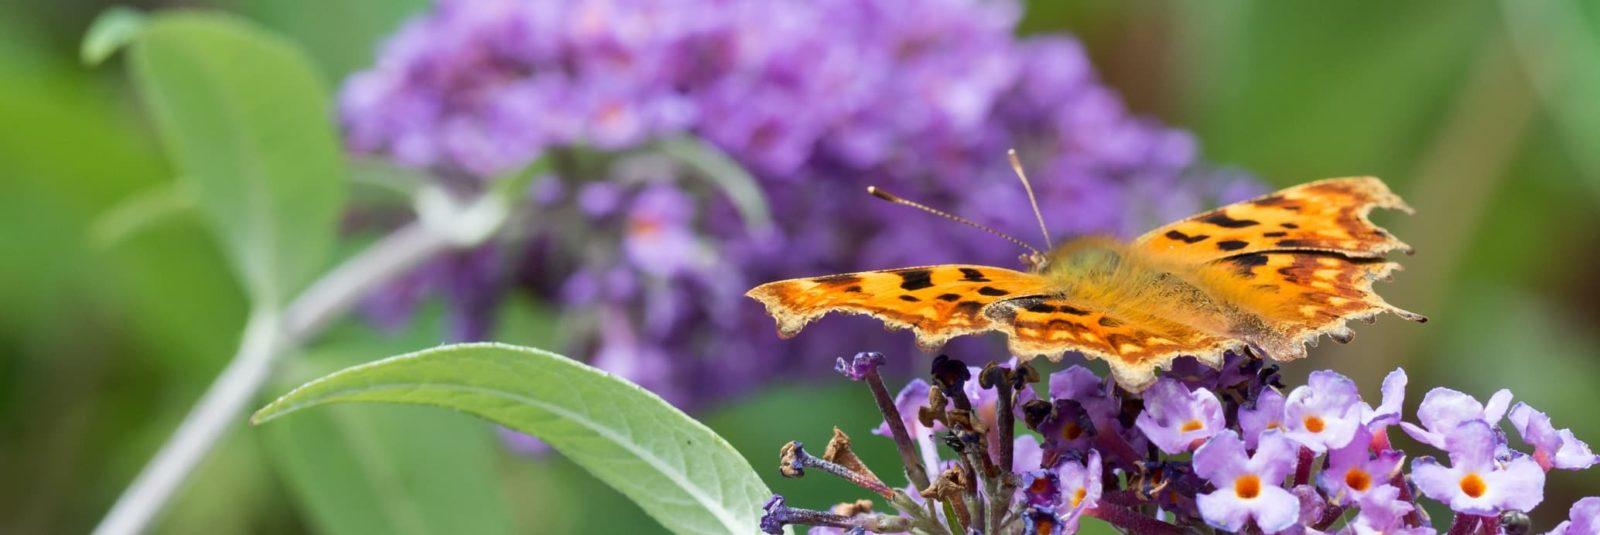 a monarch butterfly sat on a buddleja plant